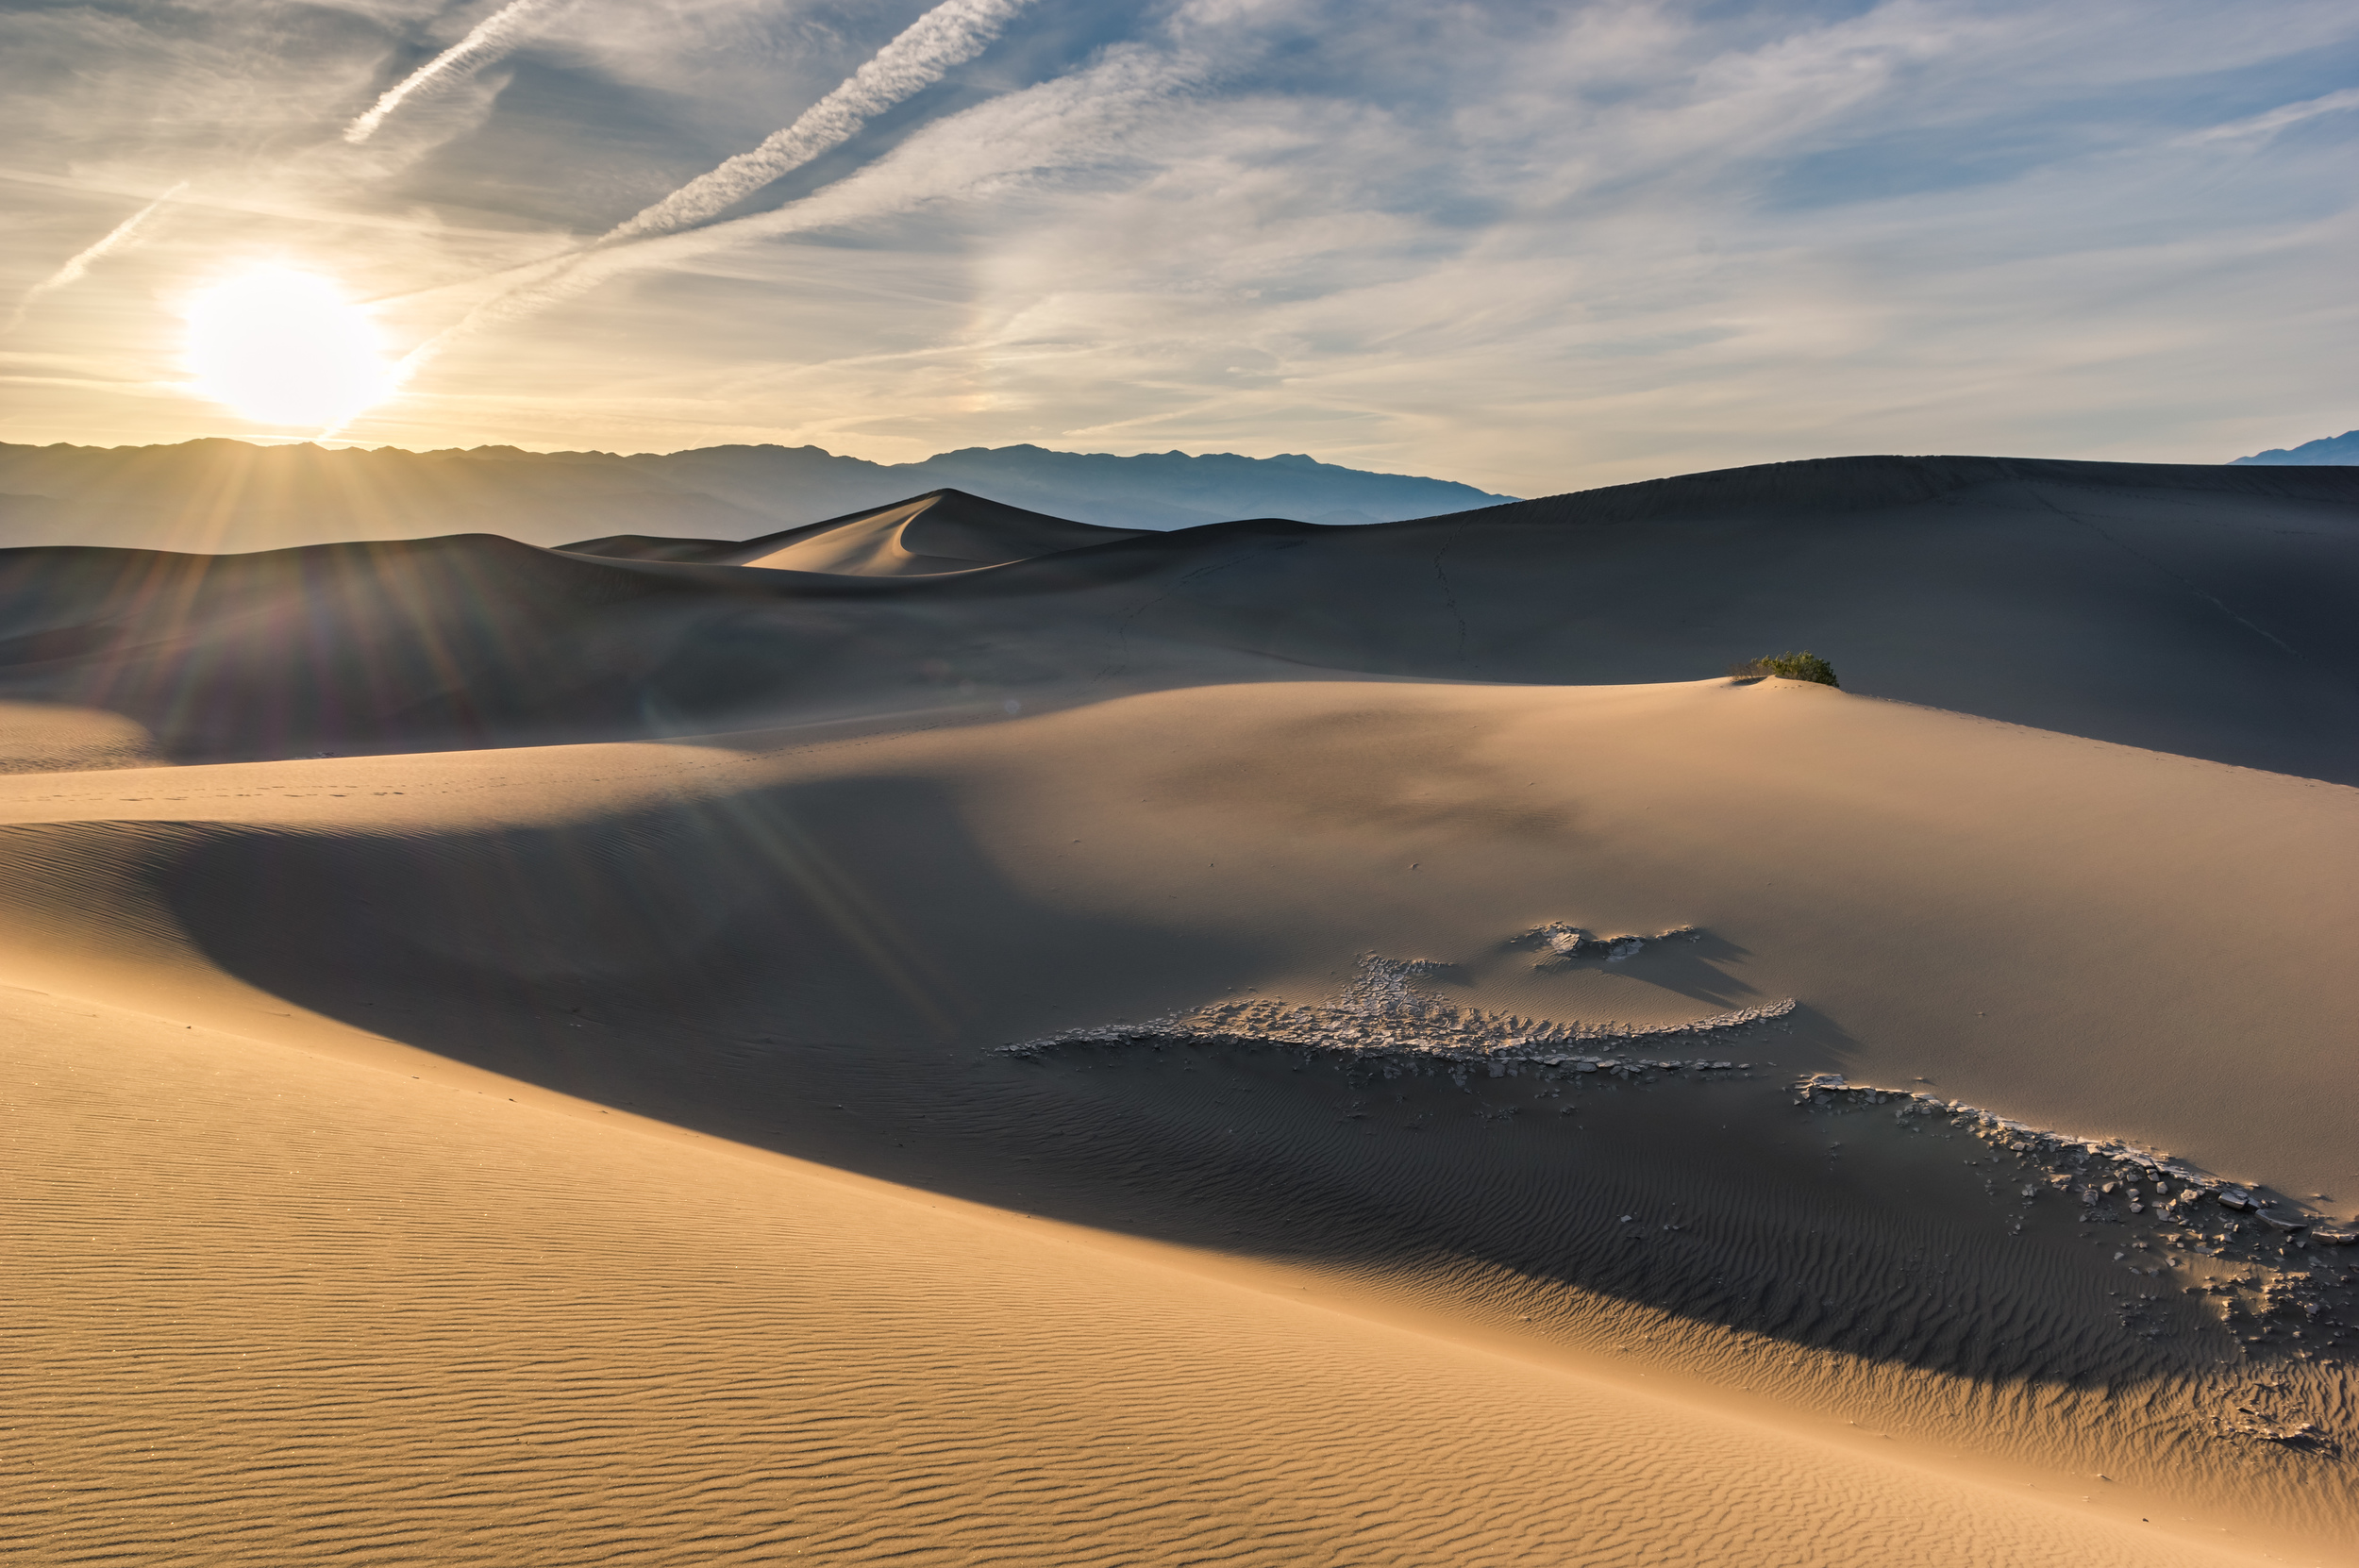 Mesquite Flat Sand Dunes im Death Valley